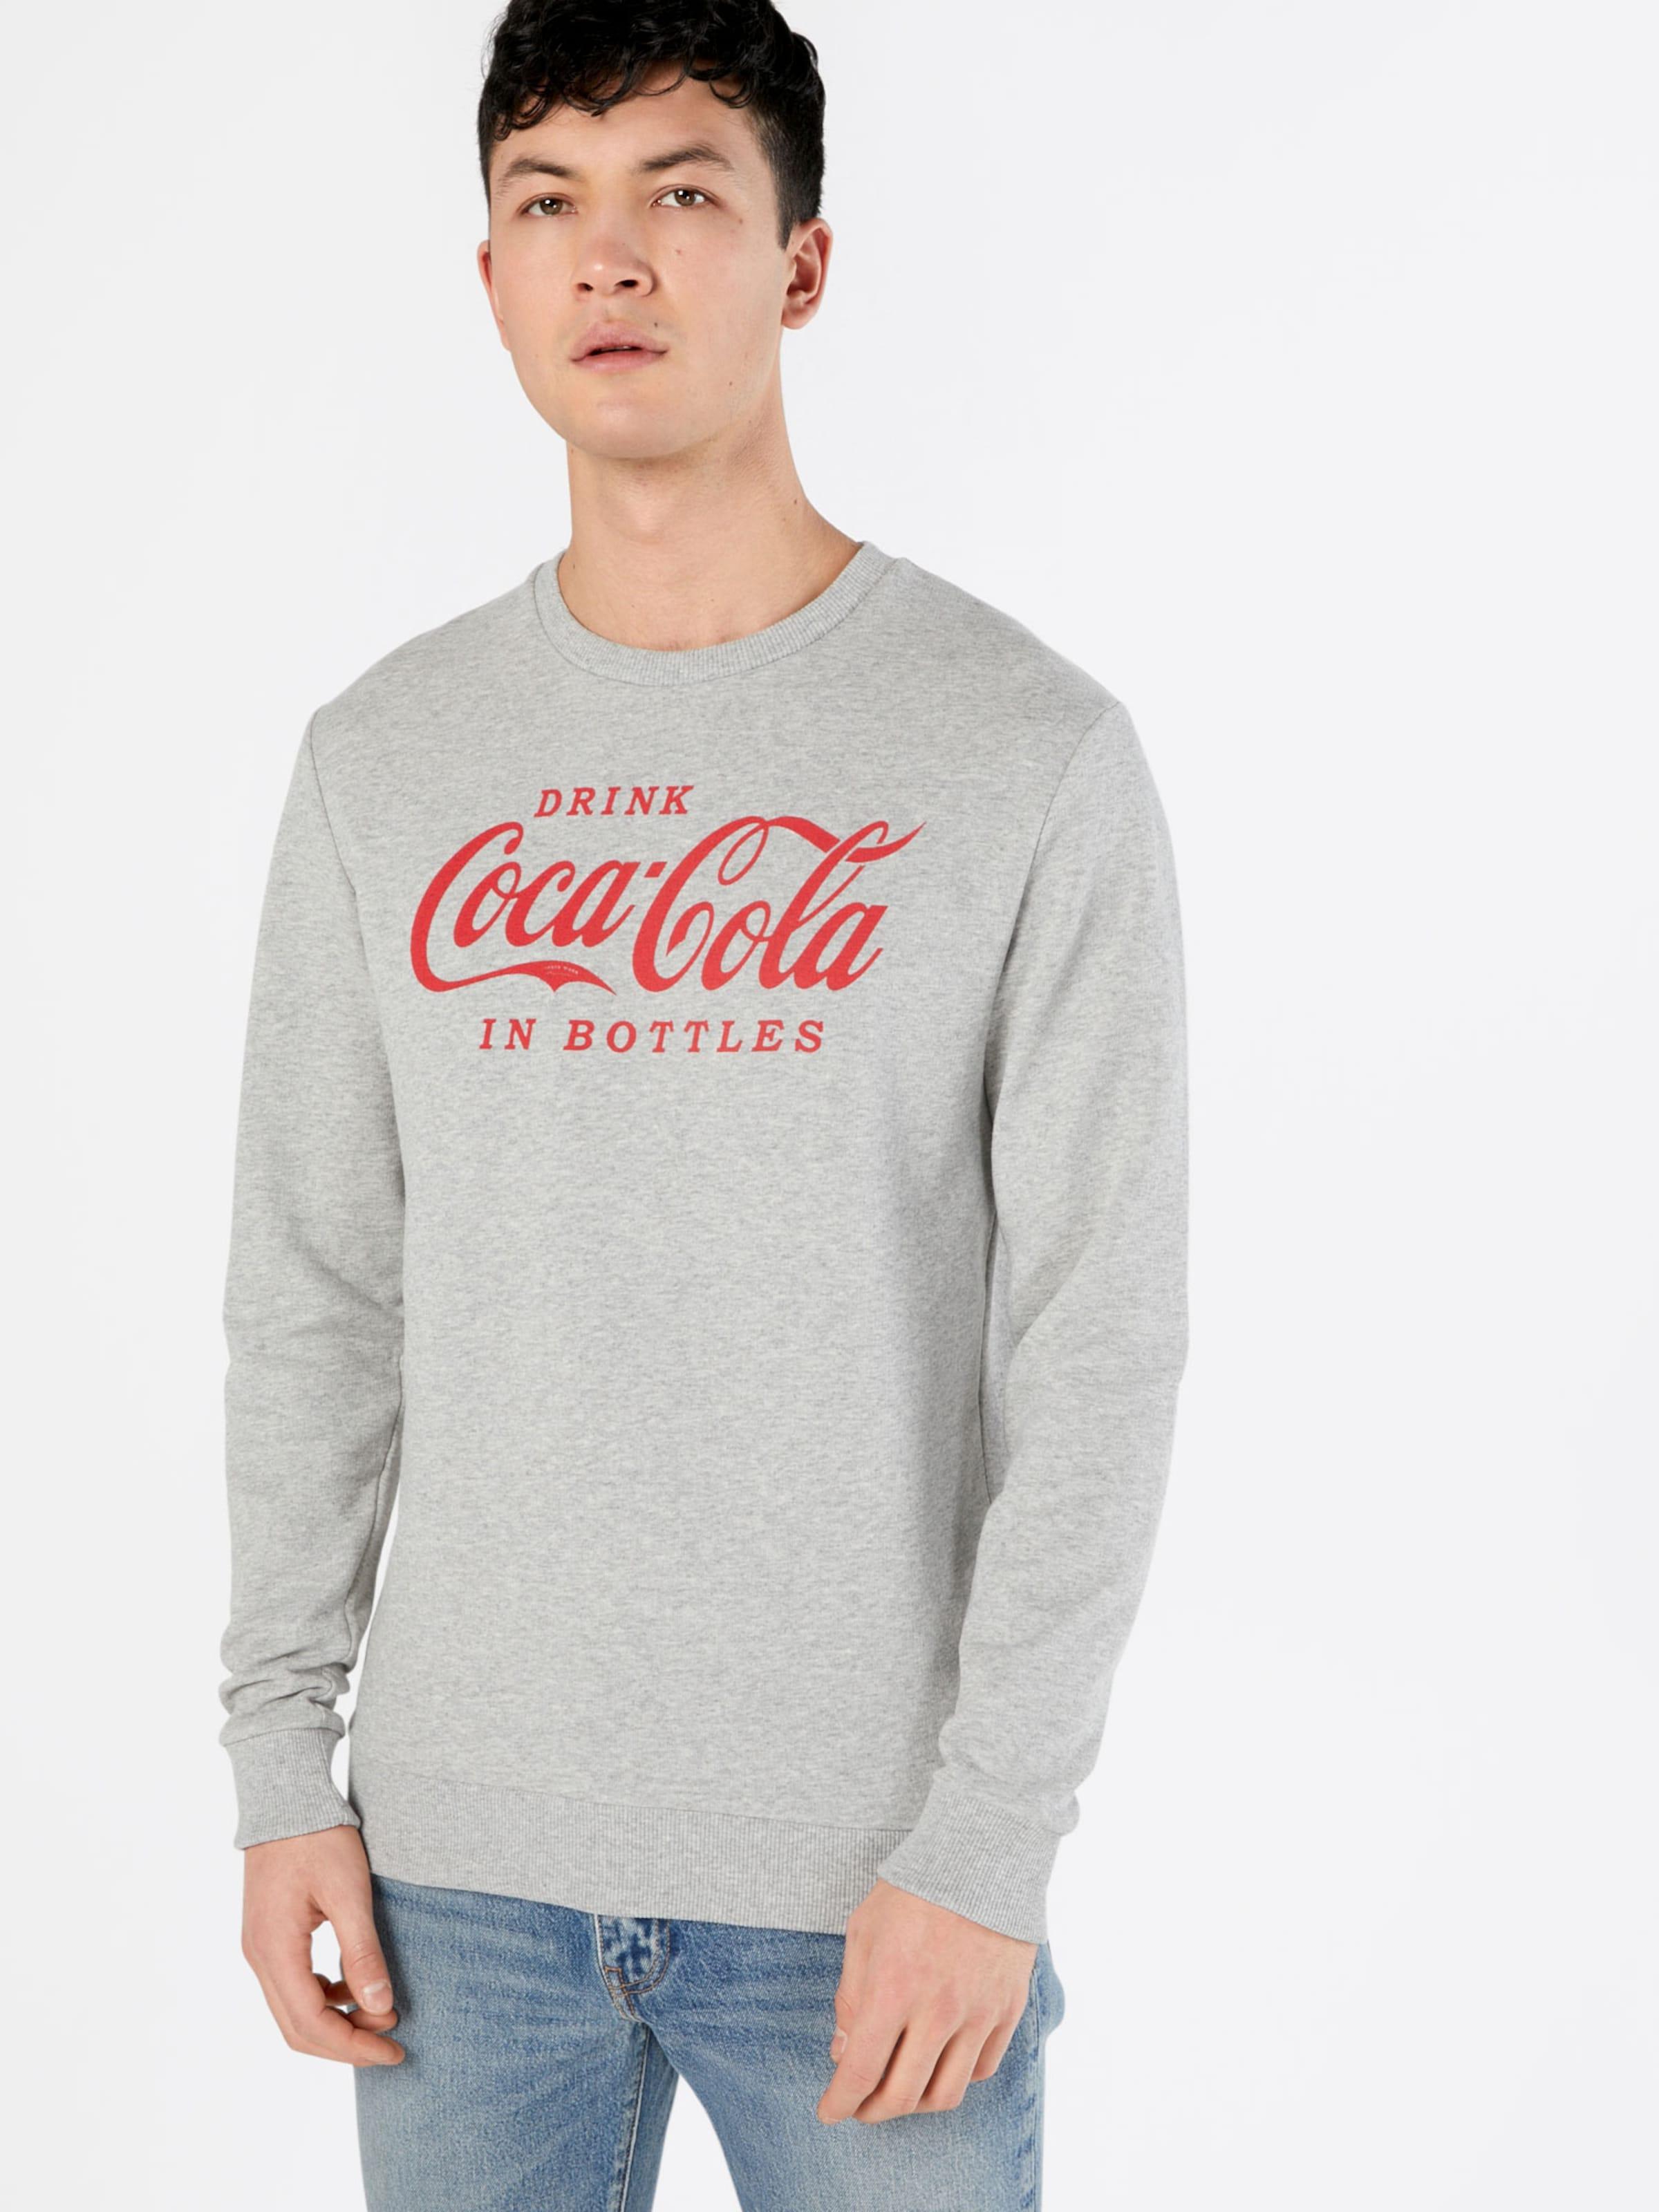 Mode Online Only & Sons Sweater mit Retroprint Freies Verschiffen Sehr Billig Angebote Online-Verkauf Offiziell cWIO3mjcE